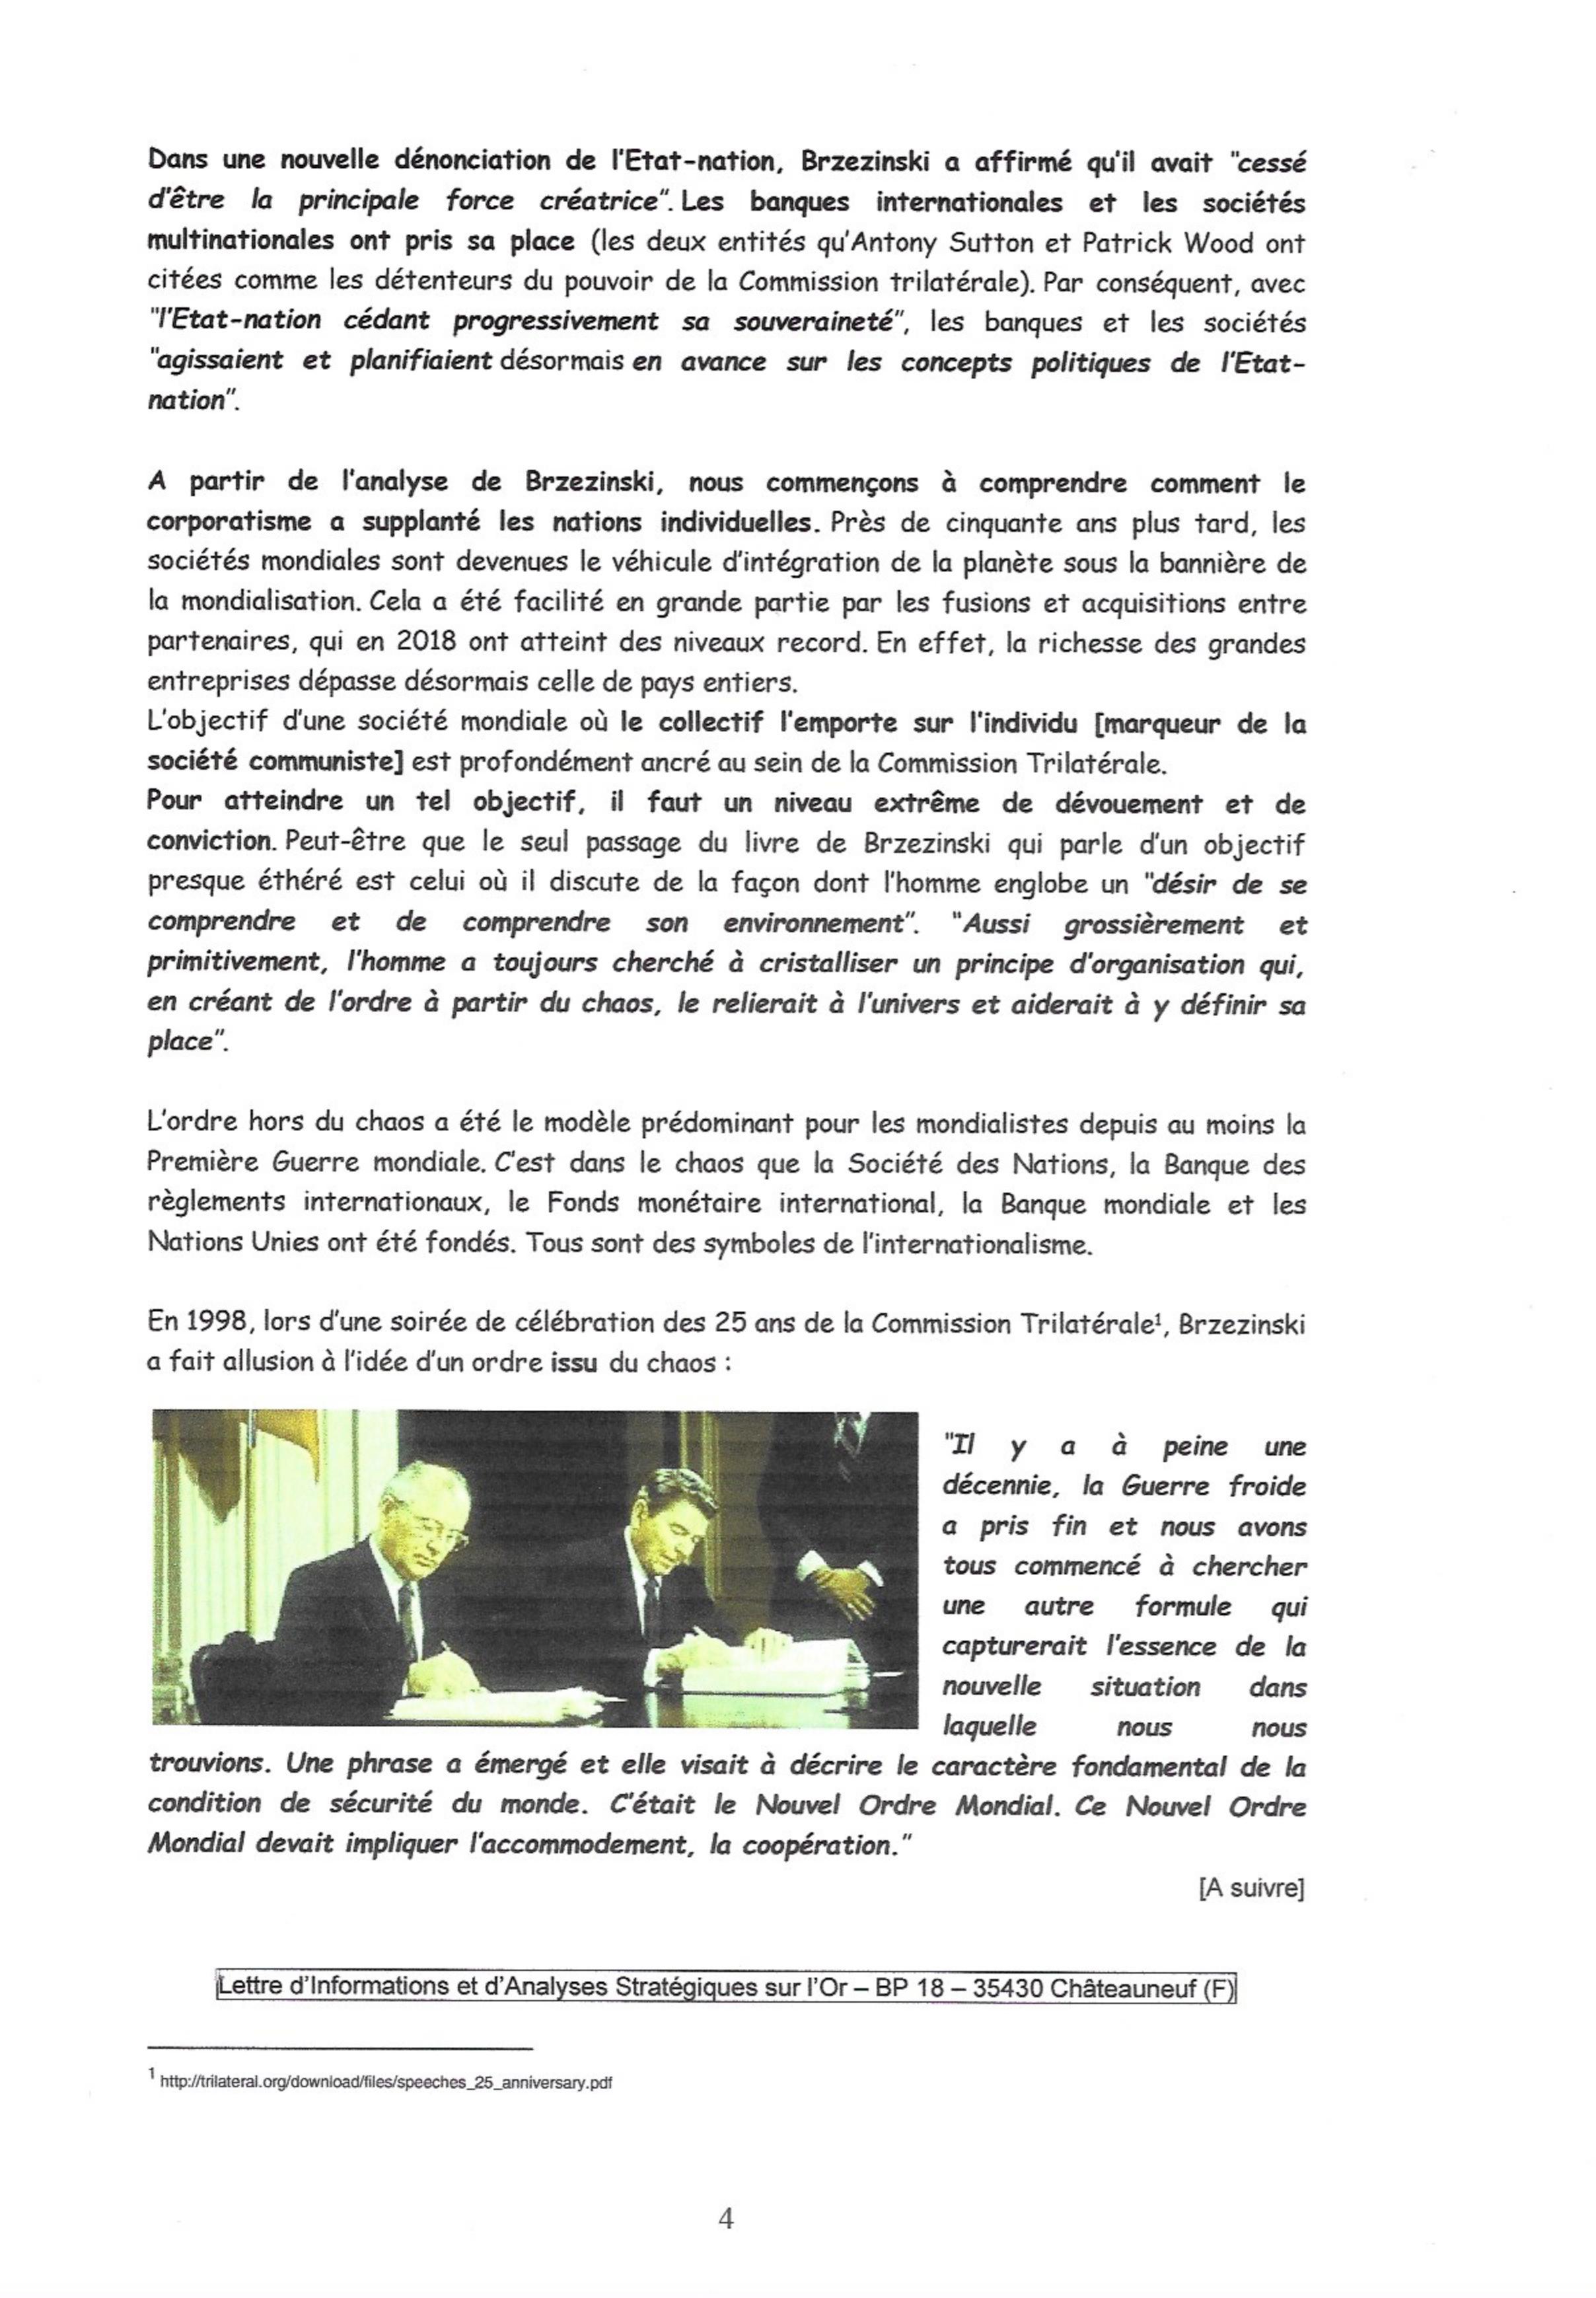 """Les étranges """"coïncidences"""" du Coronavirus : une arme qui tombe à pic dans l'agenda mondialiste... hasard ou calendrier occulte ? 000416"""